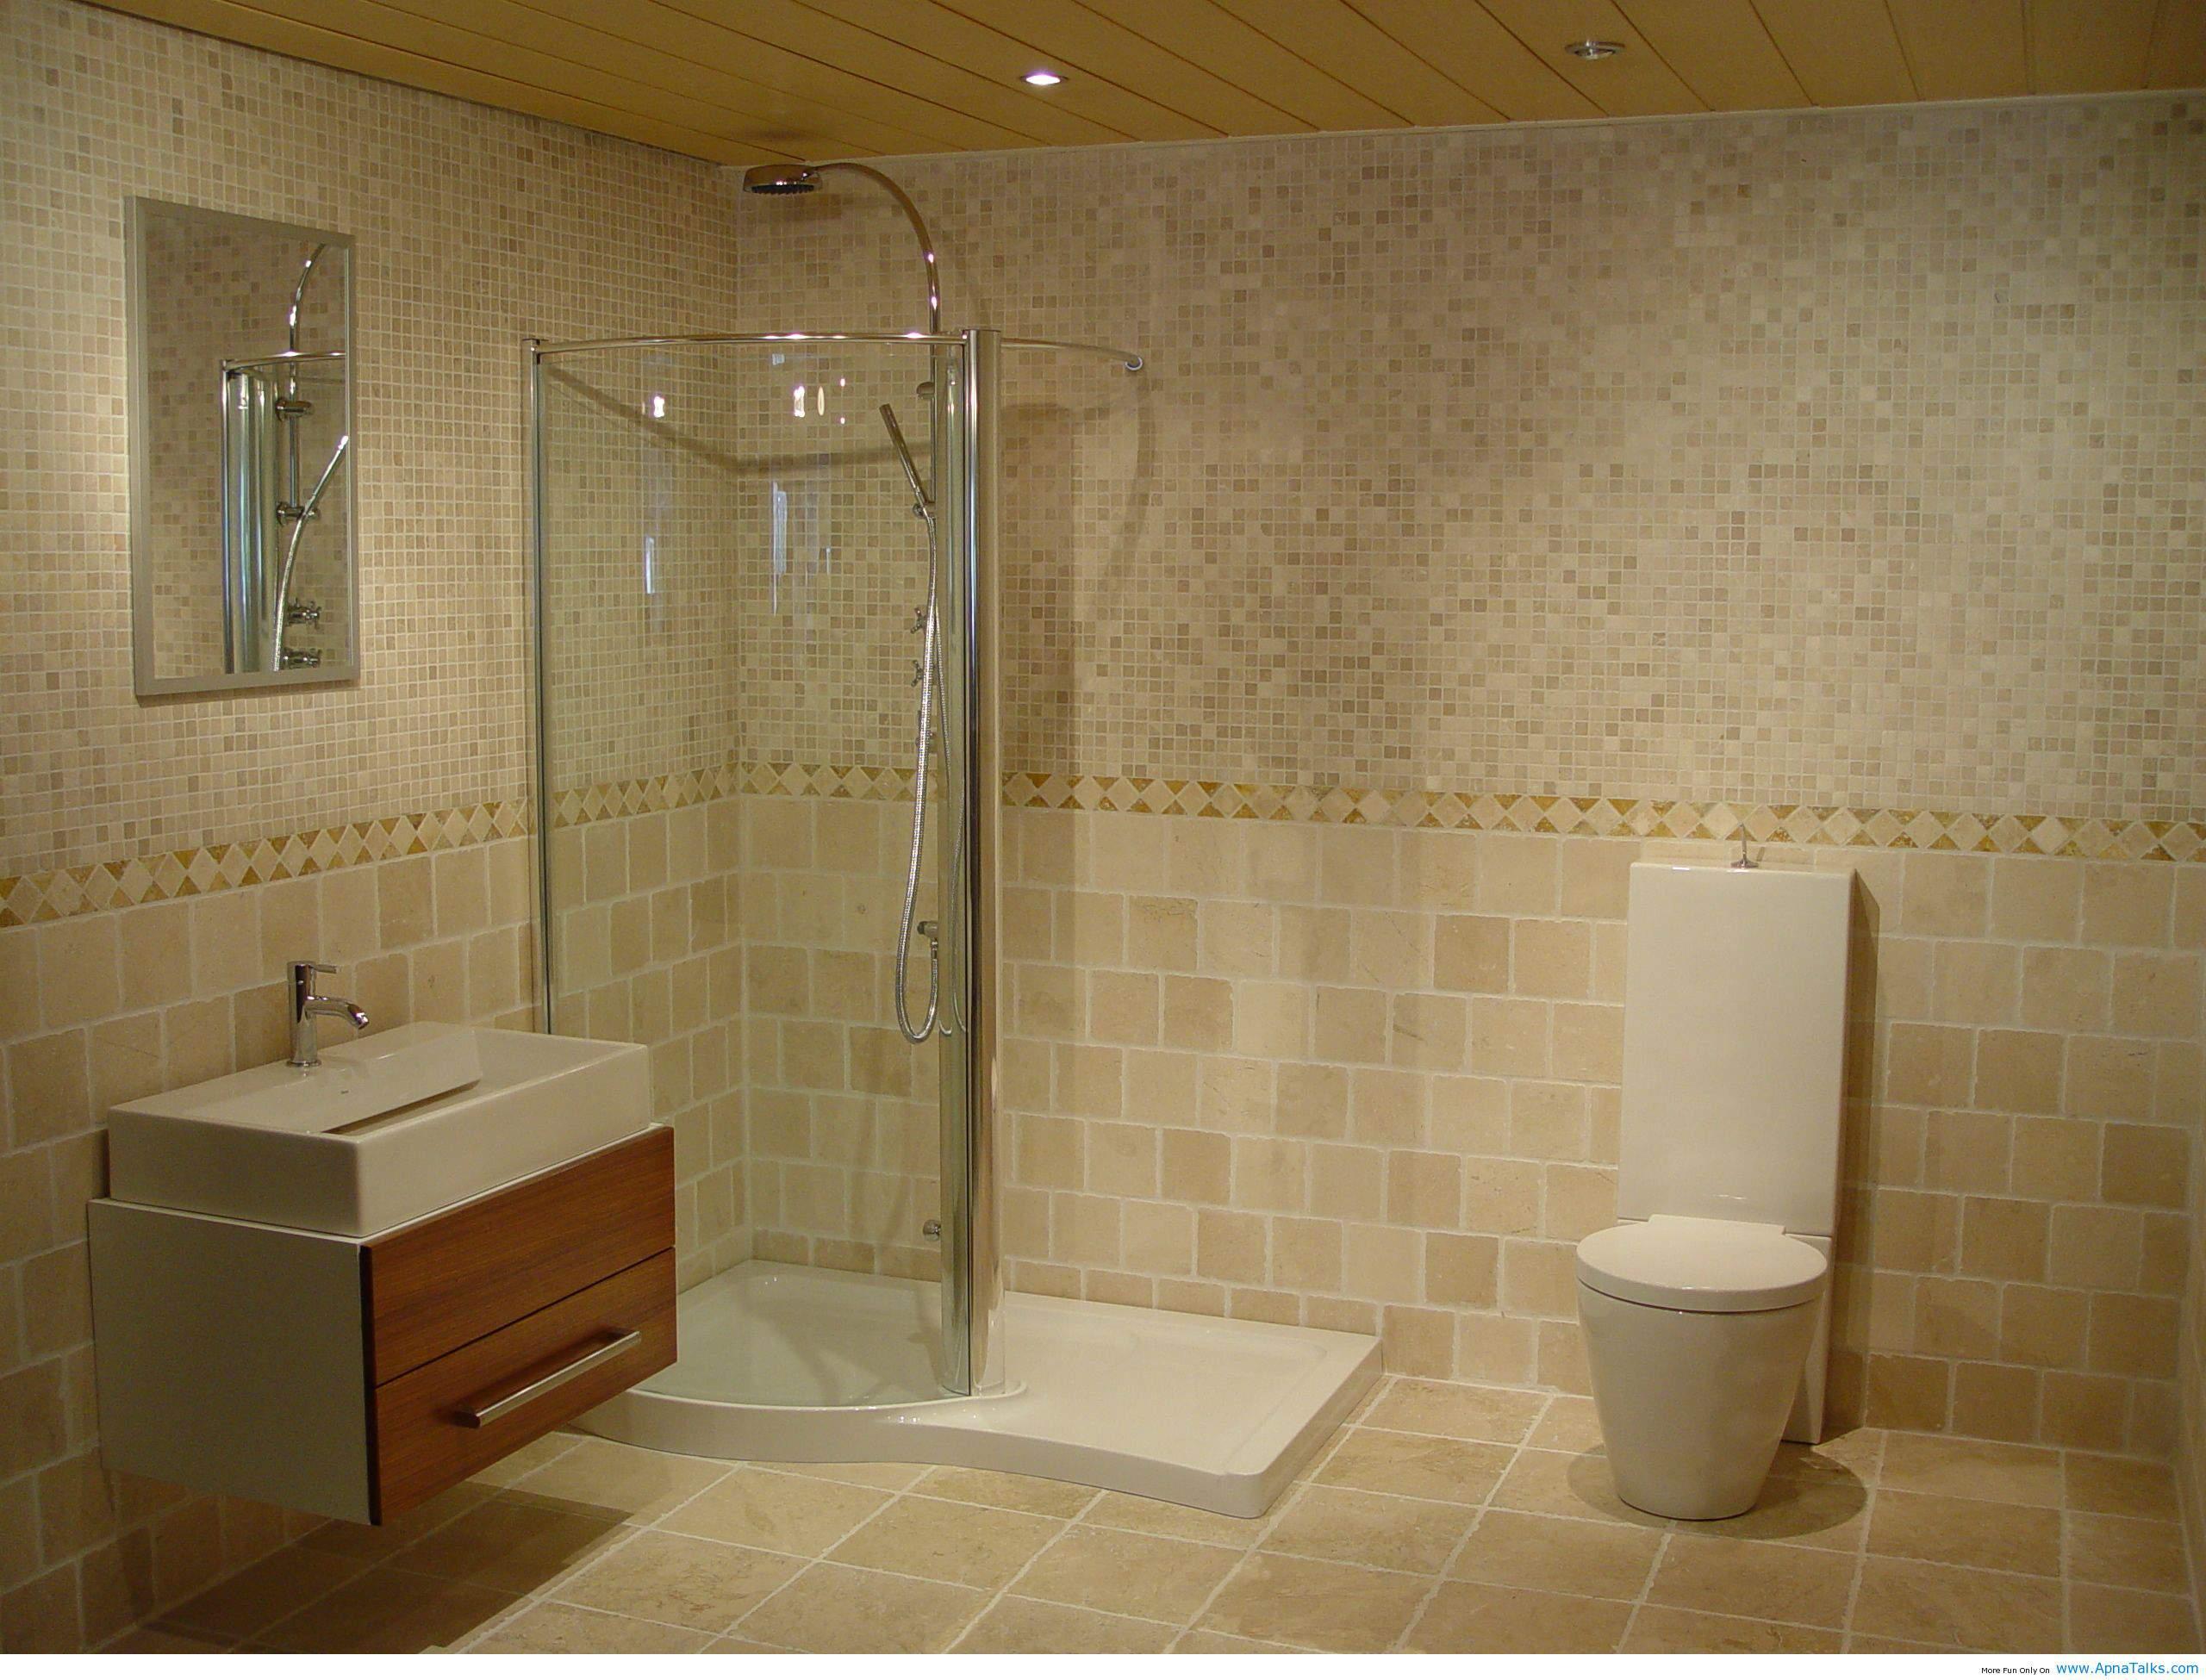 Remont-vannoy-i-tualeta--variantyi-dizayna 16